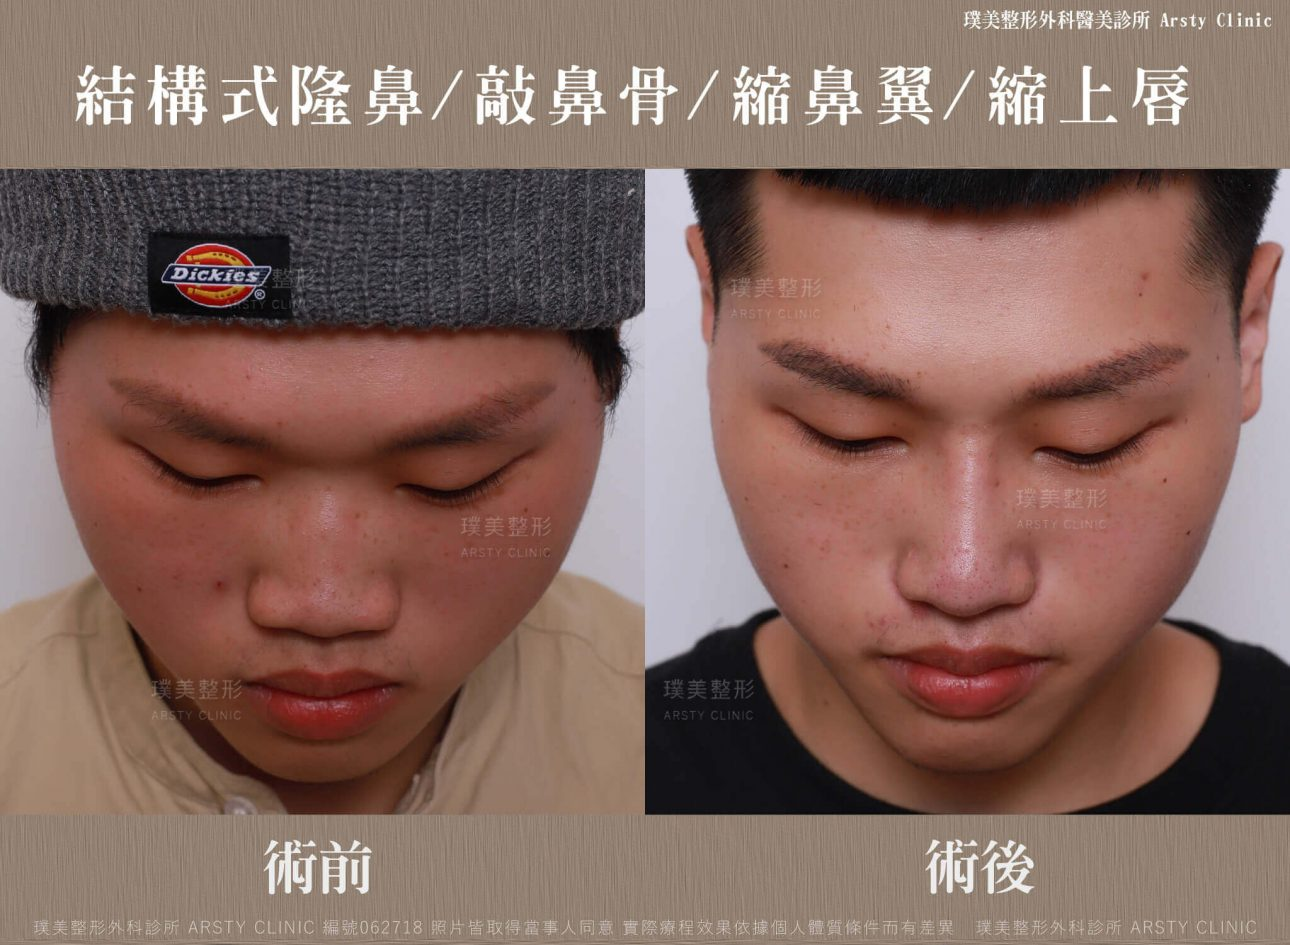 結構式隆鼻手術-縮鼻翼-敲鼻骨-縮上唇-062718-正面低頭